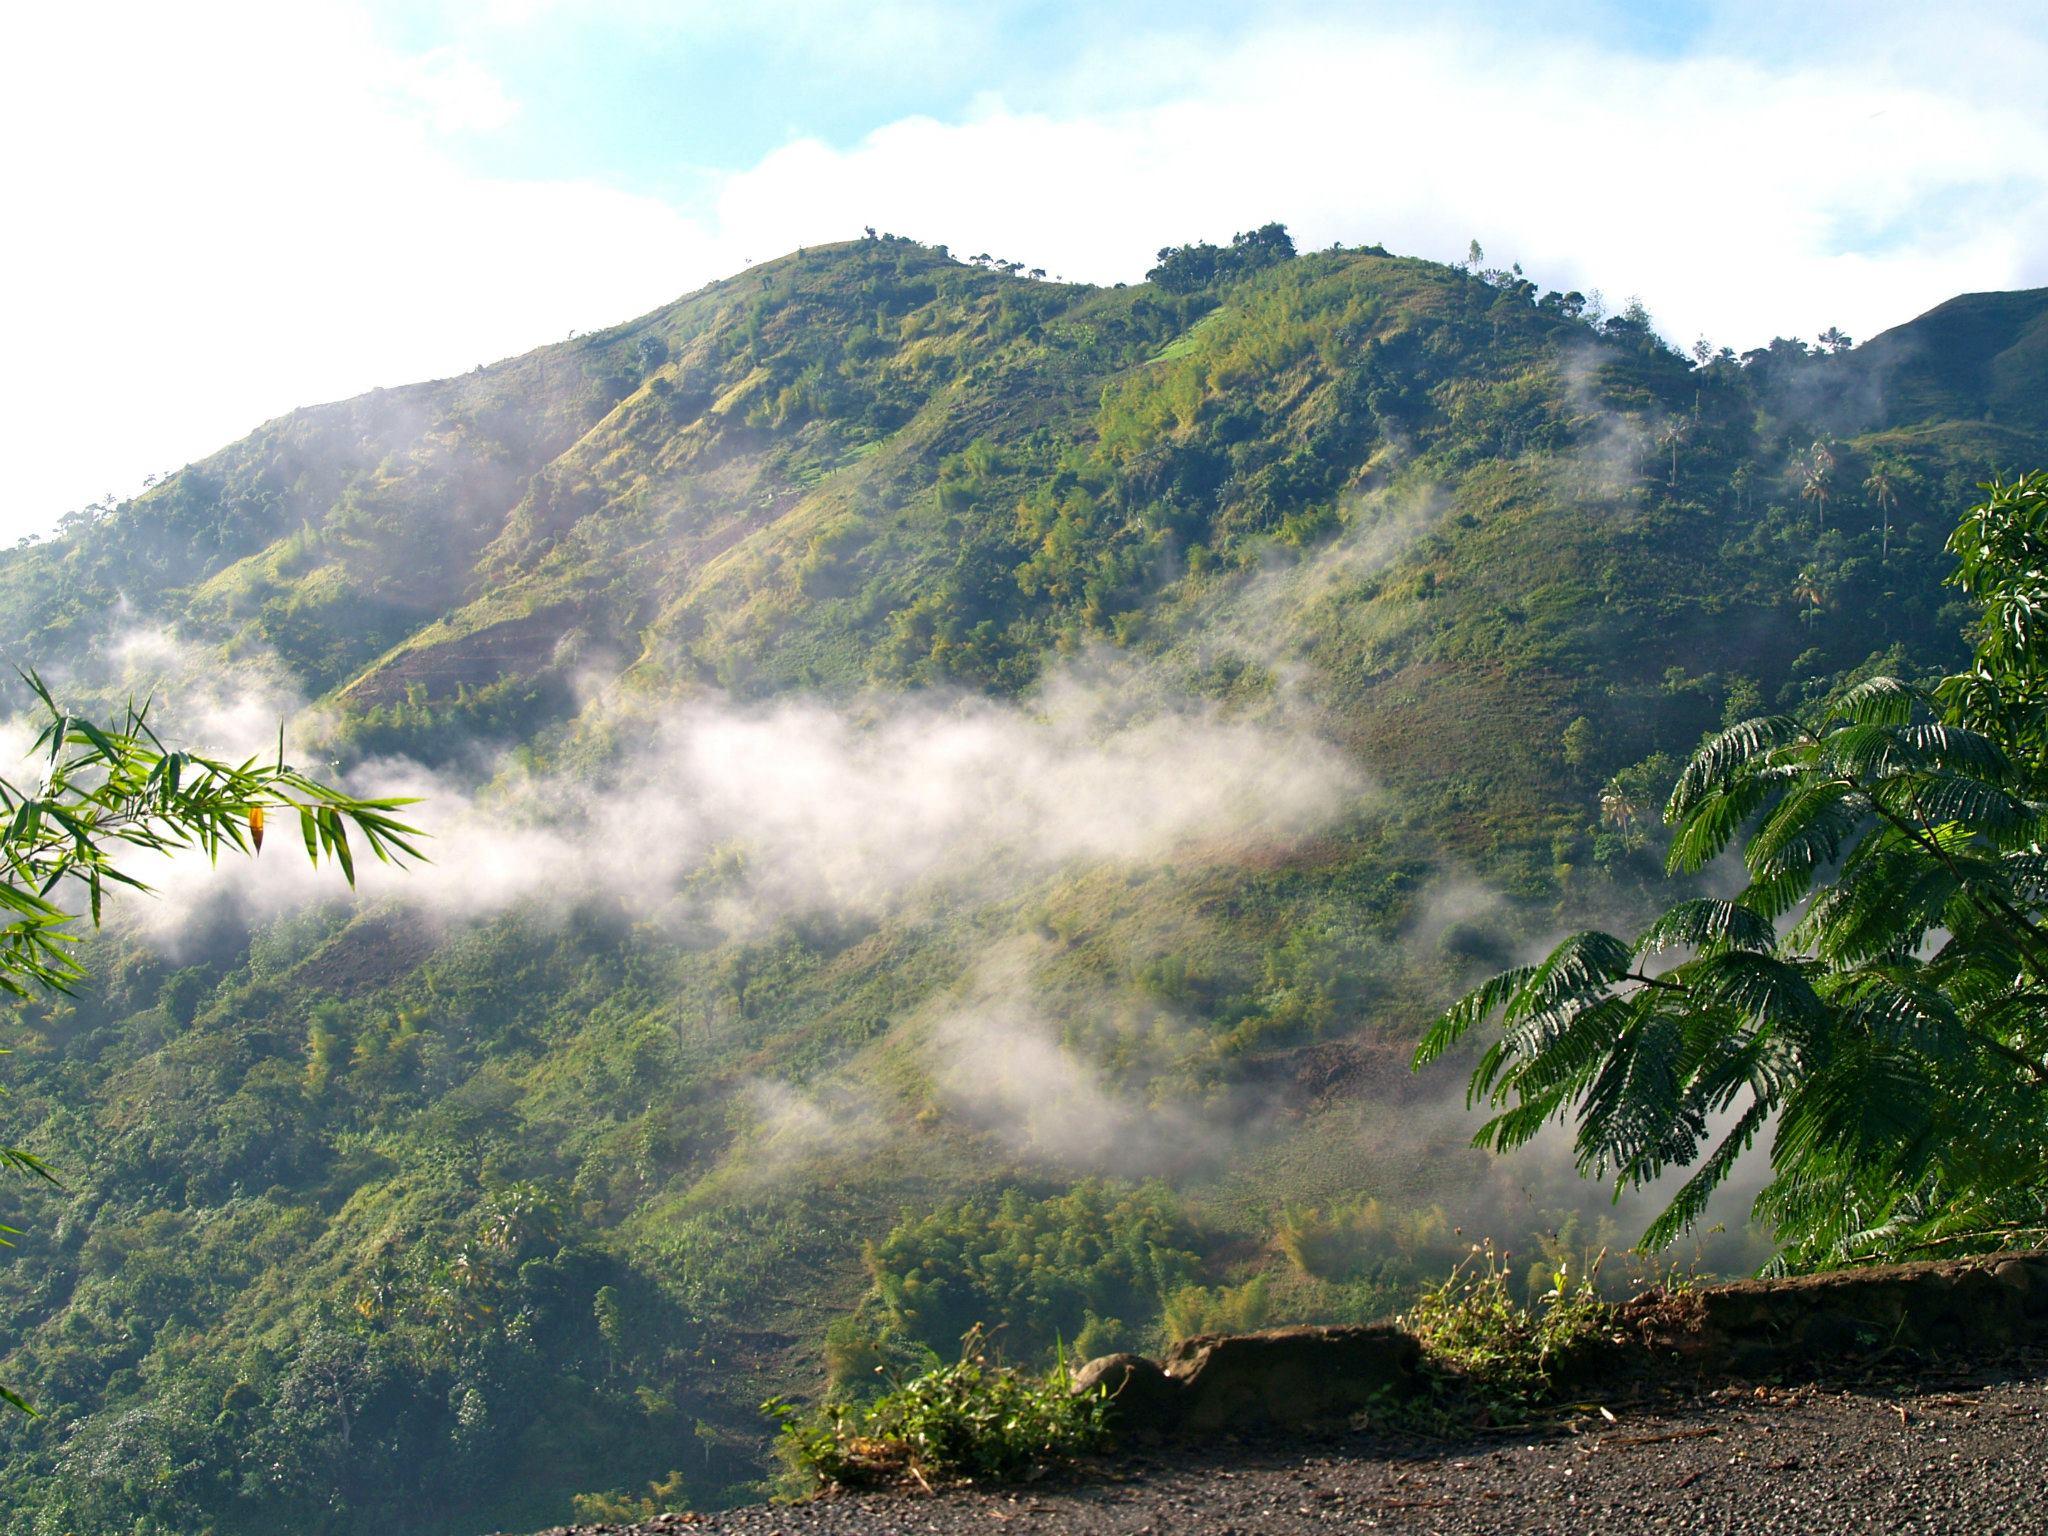 Haiti_mountain_steam.jpg